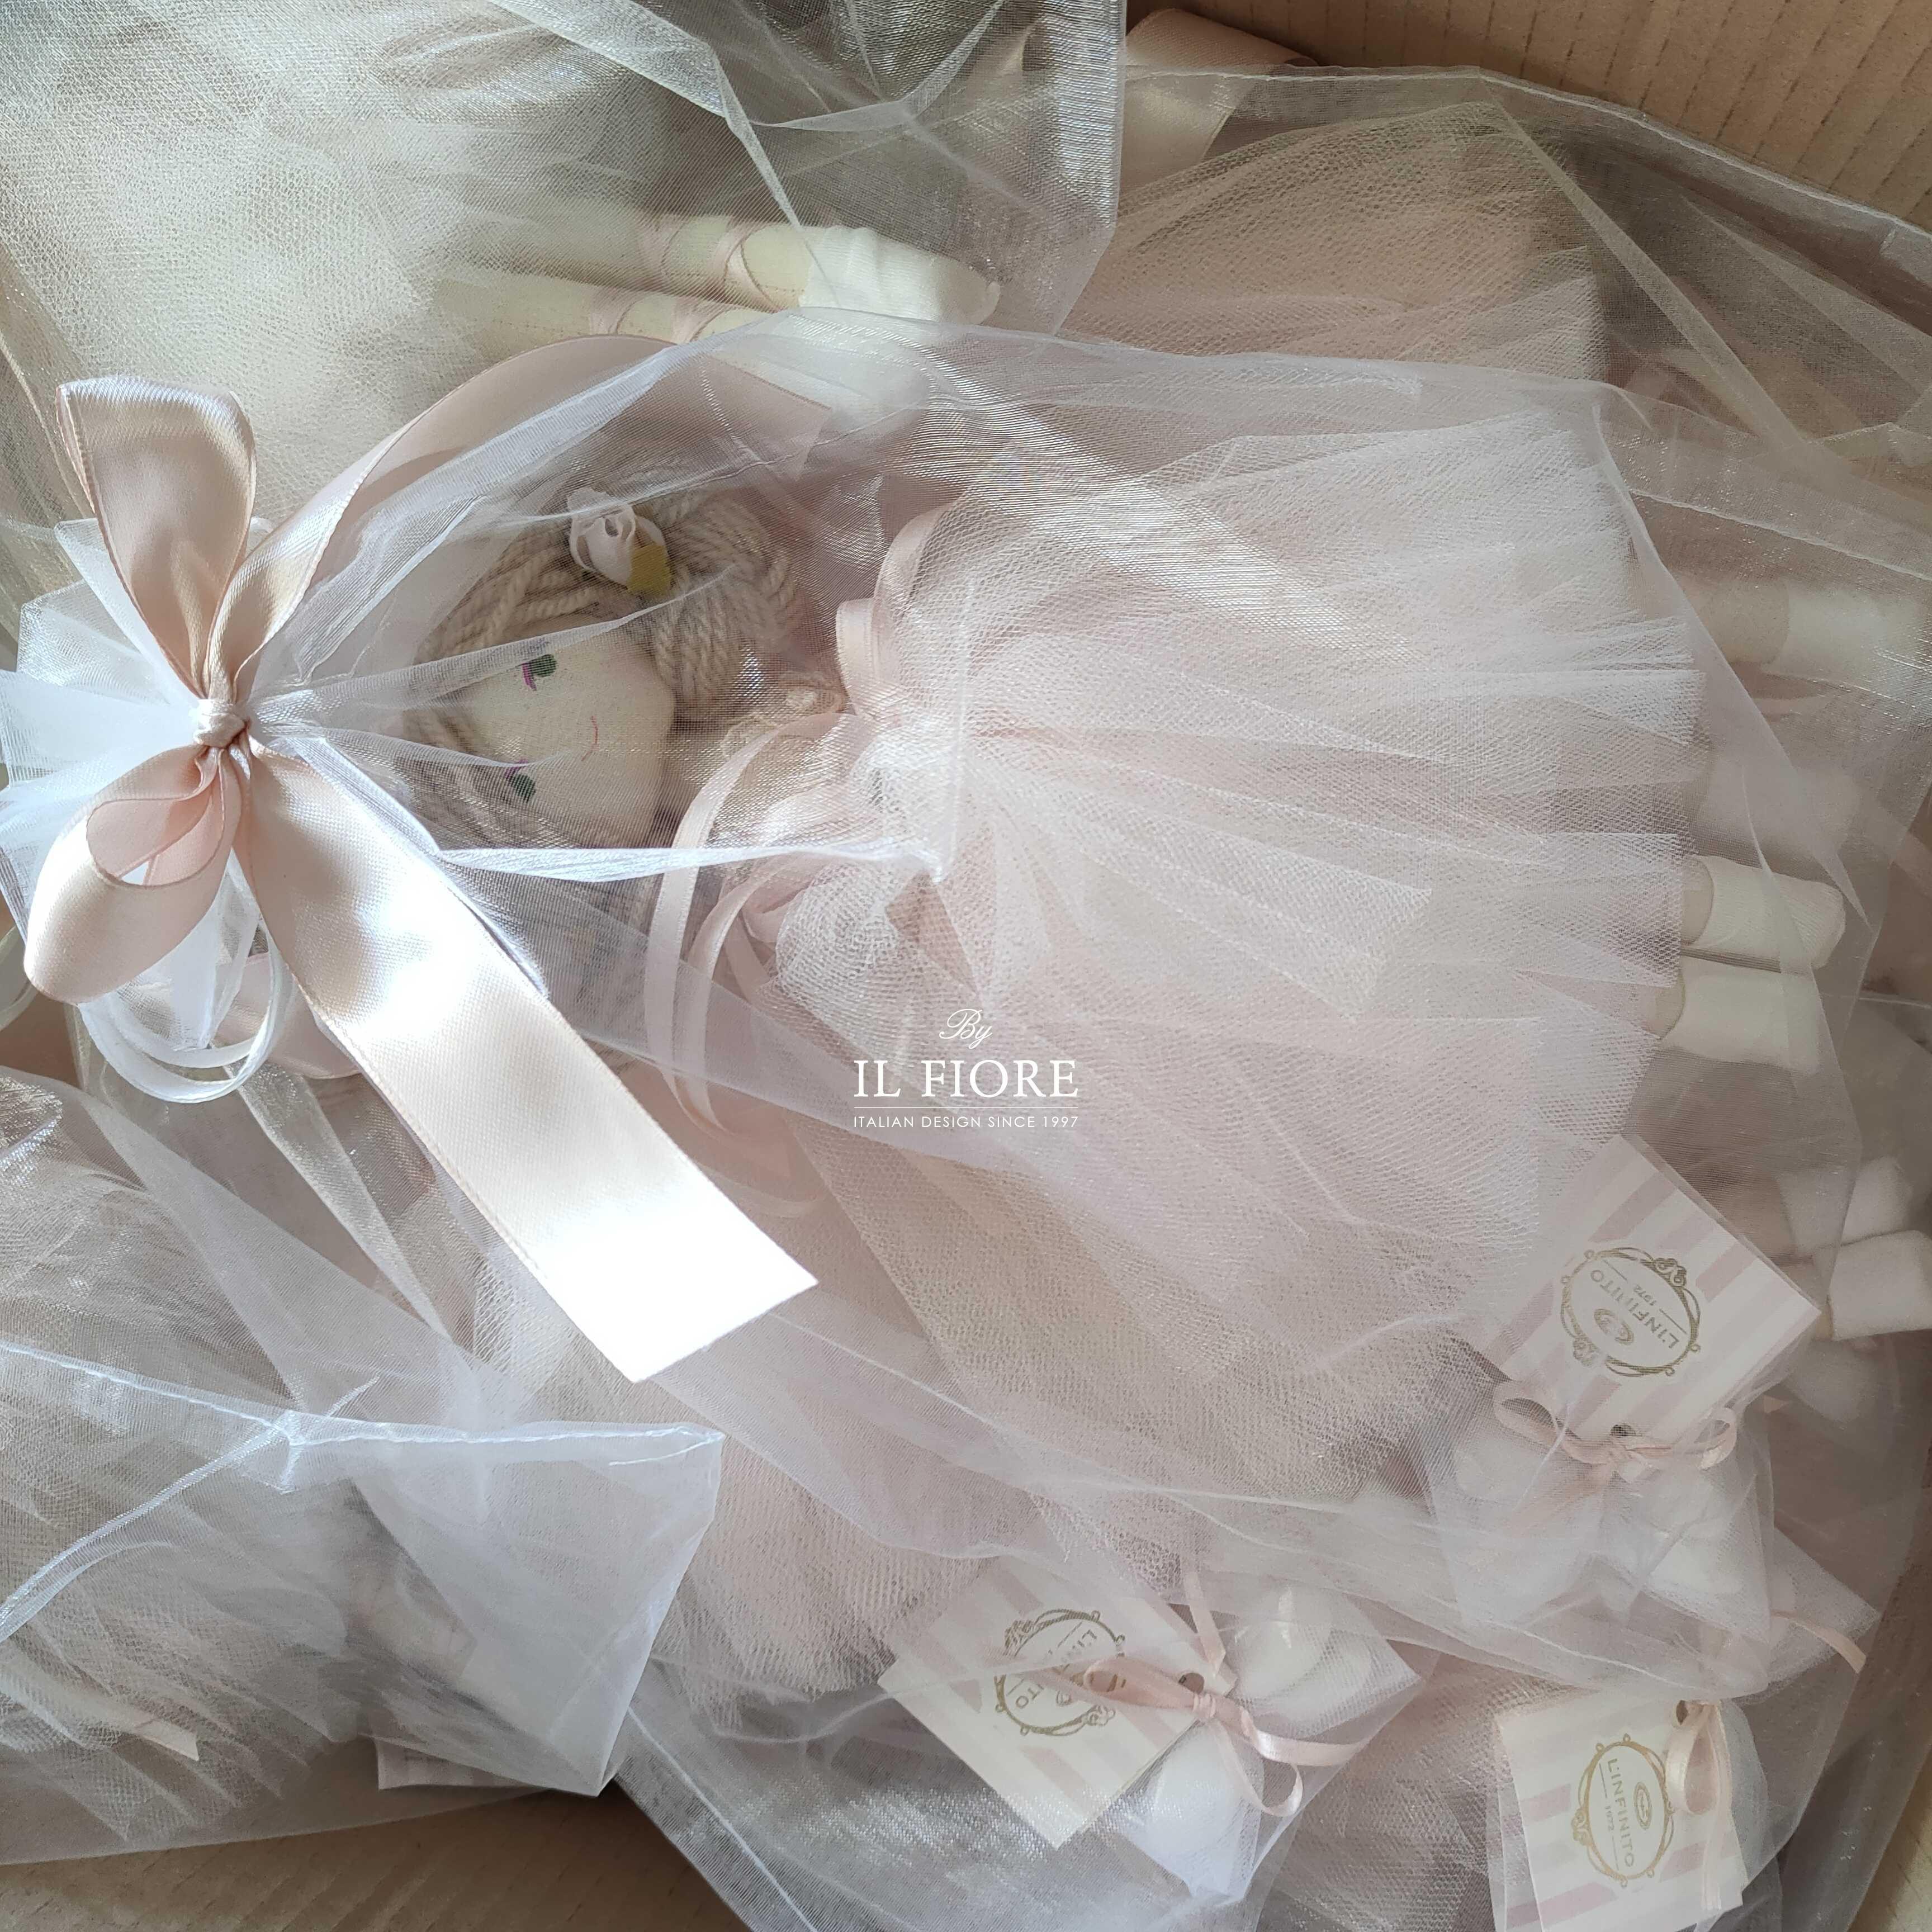 Bomboniera Battesimo bambola con vestito San Gallo Foto dimostrativa confezione sacchetto in organza